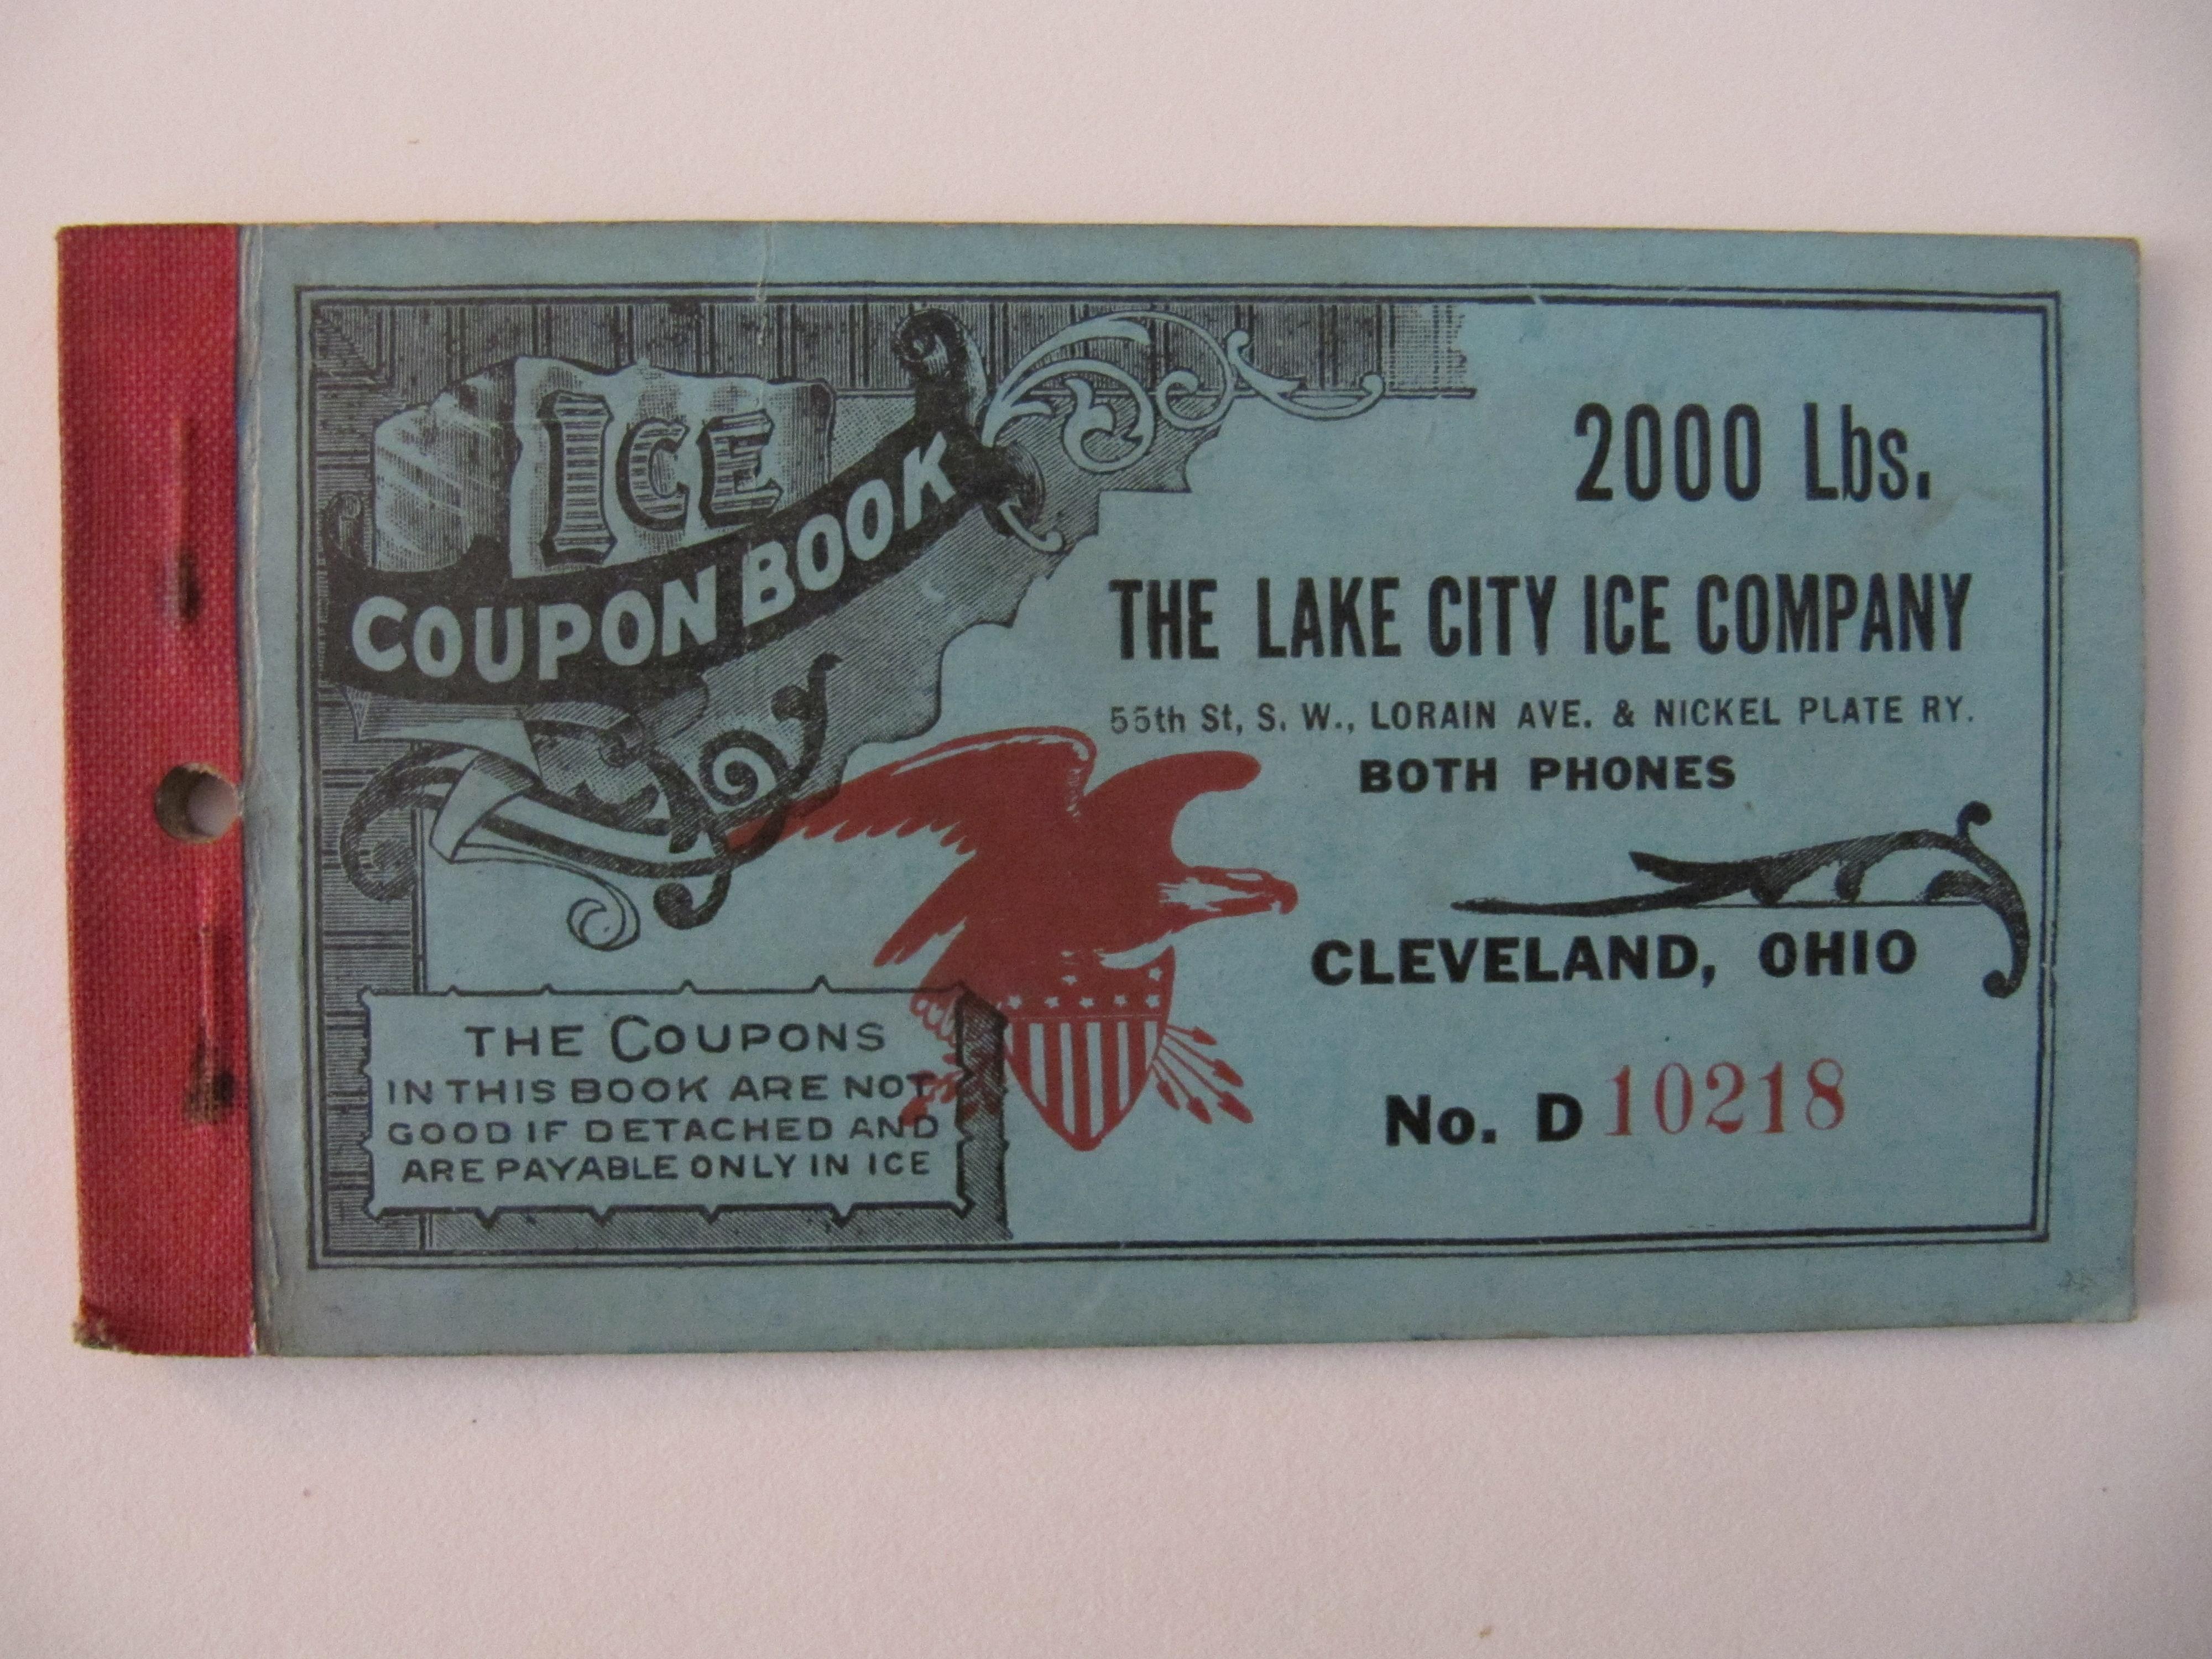 LakeCityIceCo2000_ClevelandOhio